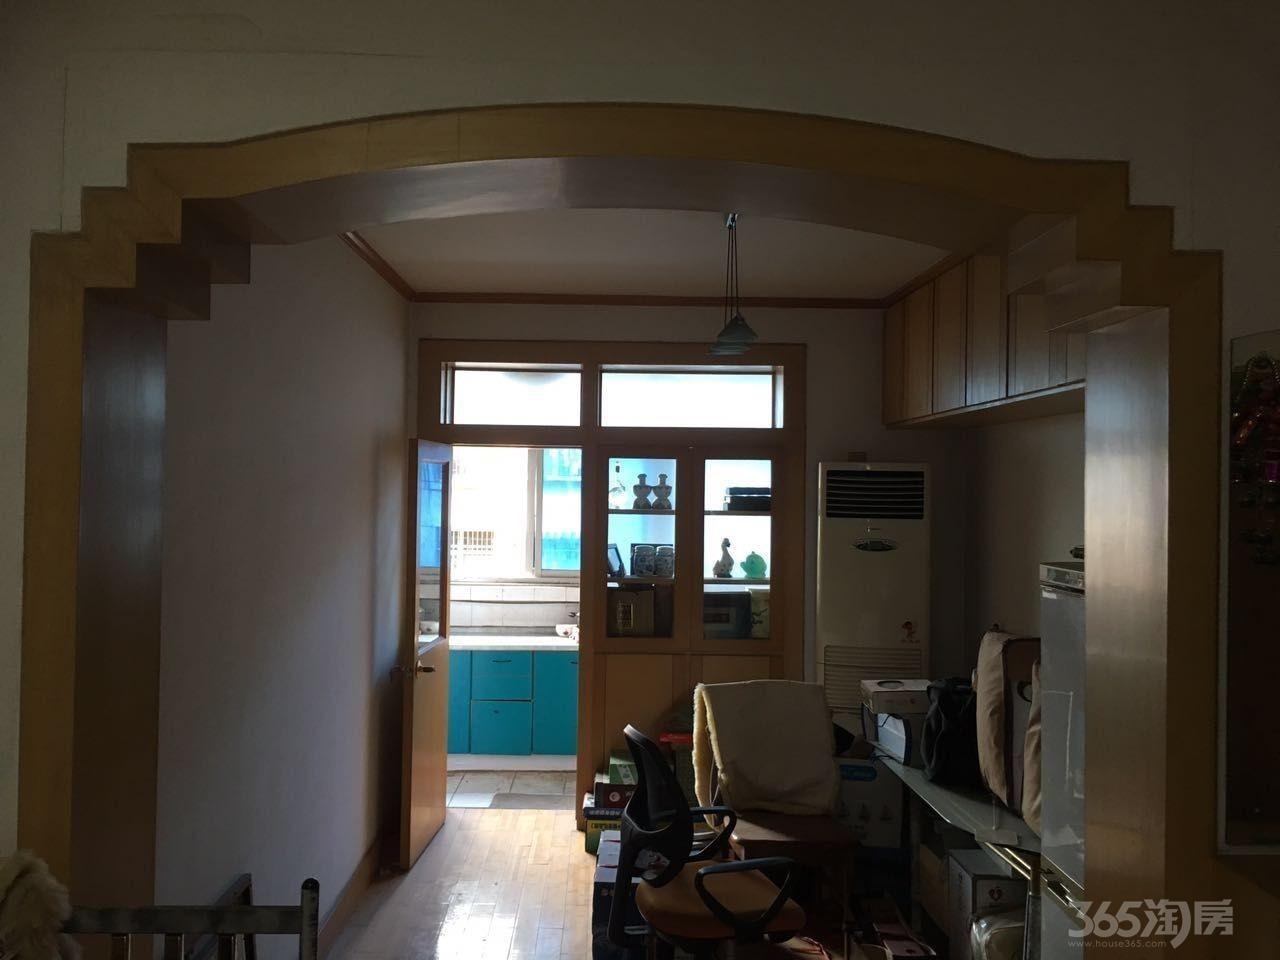 苏堤小区2室2厅1卫87平米2001年产权房精装